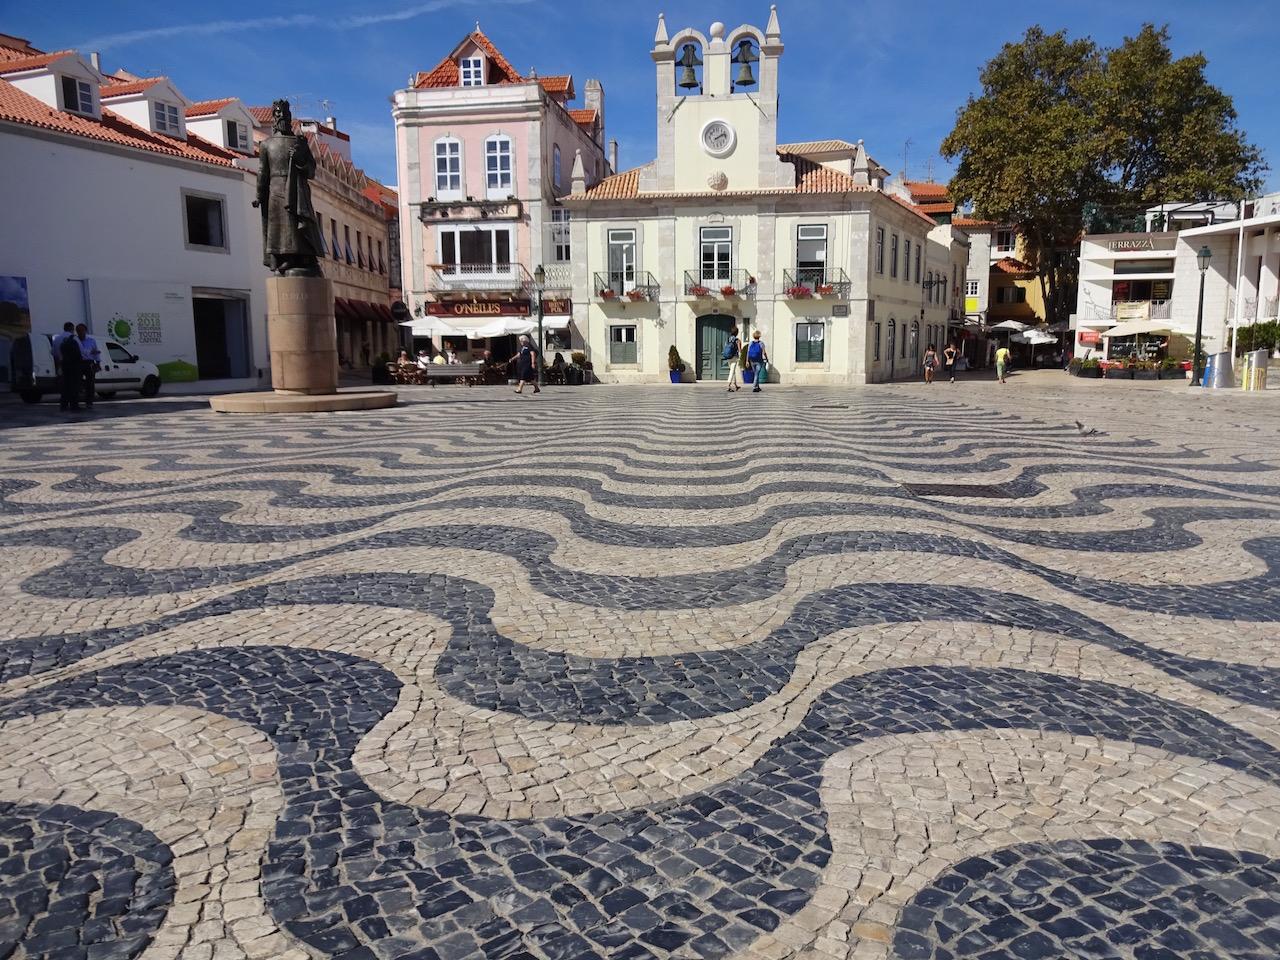 gepflasterter Marktplatz - dieses Muster findet man ganz oft in der Stadt